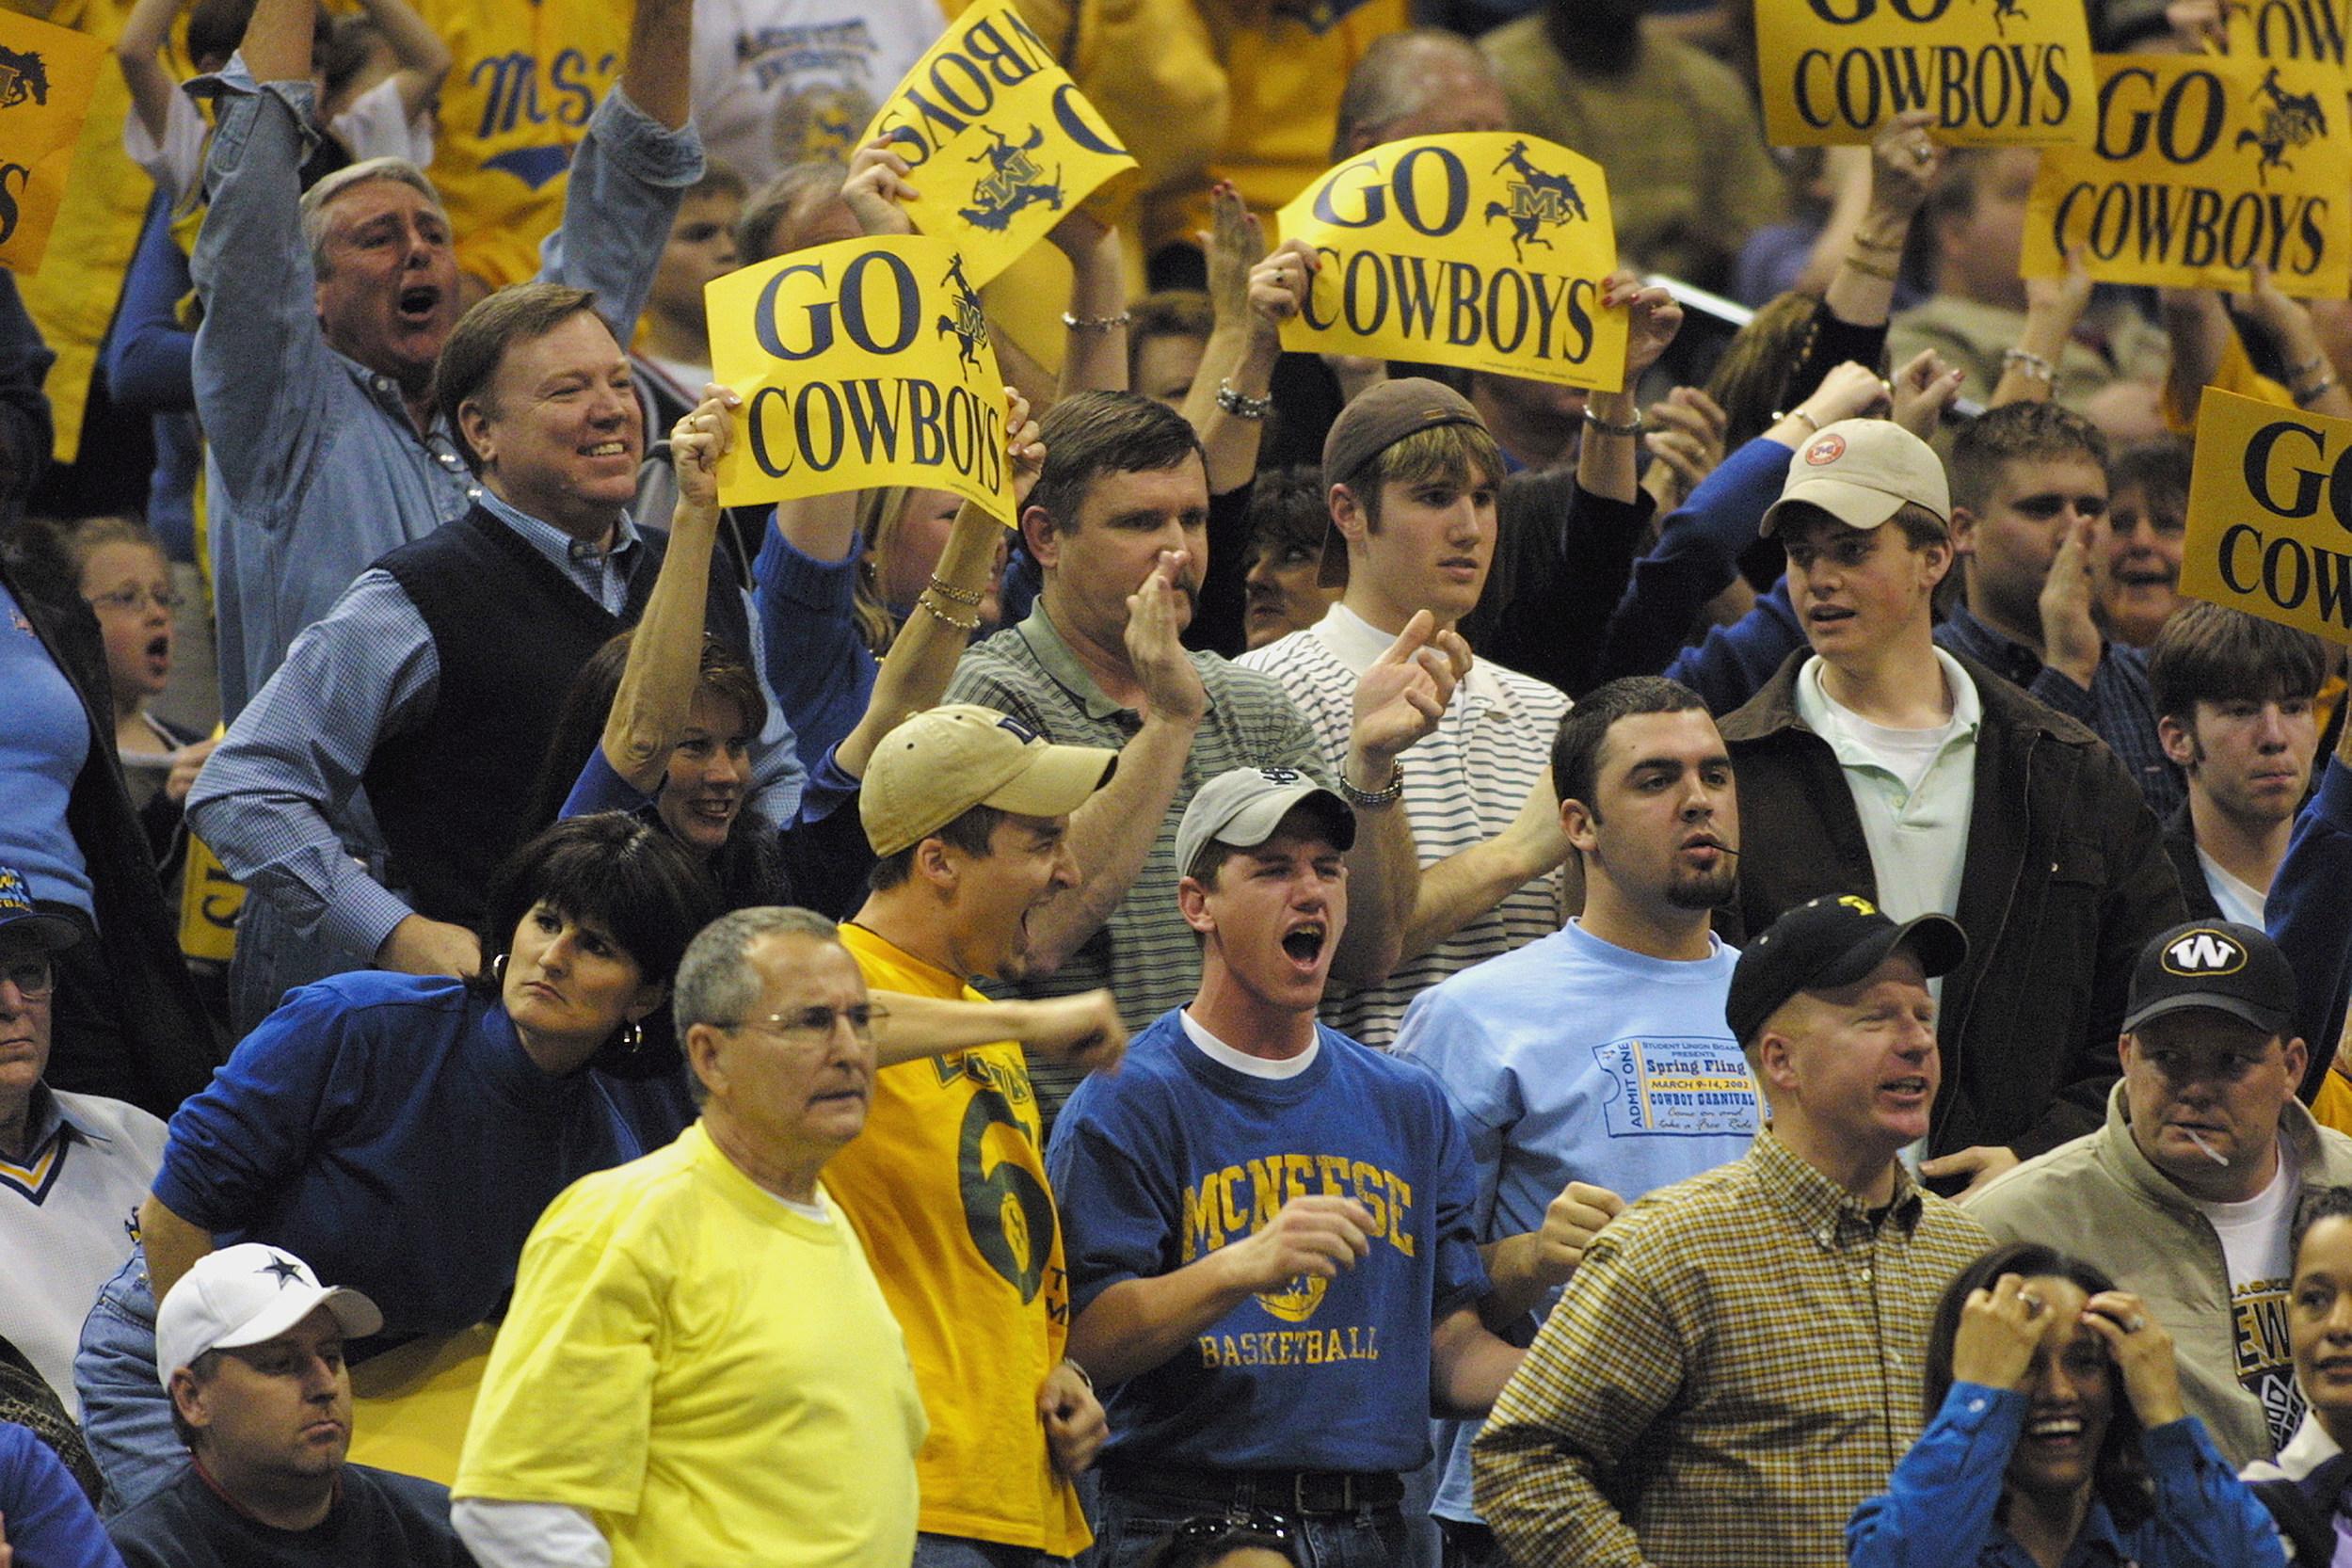 McNeese Fans